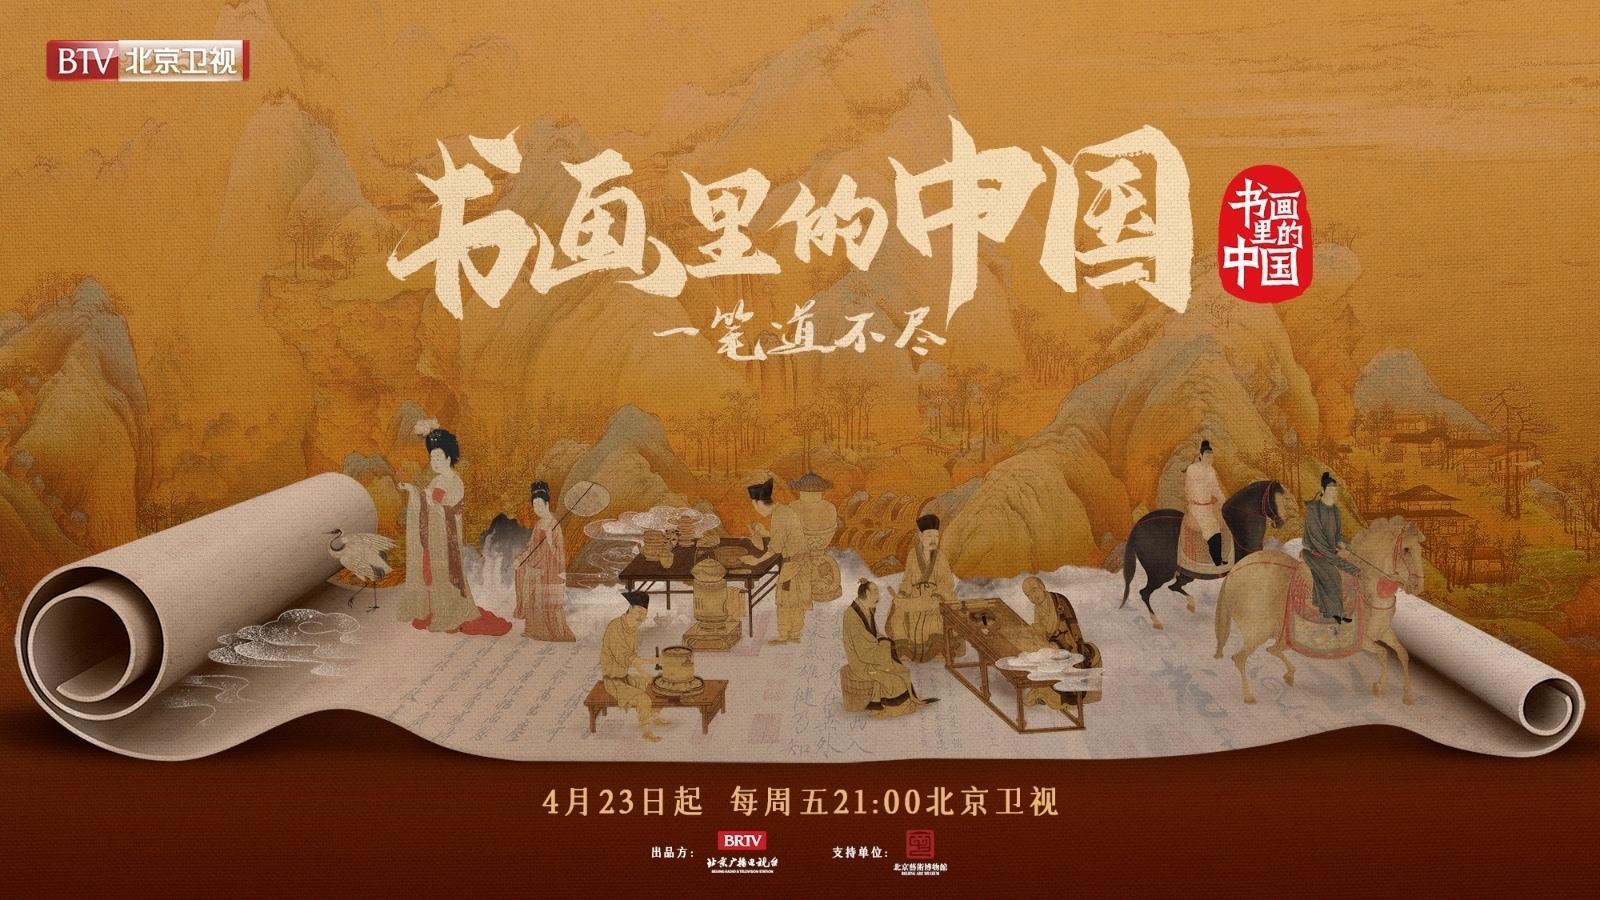 北京卫视大型文化类慢综艺节目《书画里的中国》首发宣传片正式定档